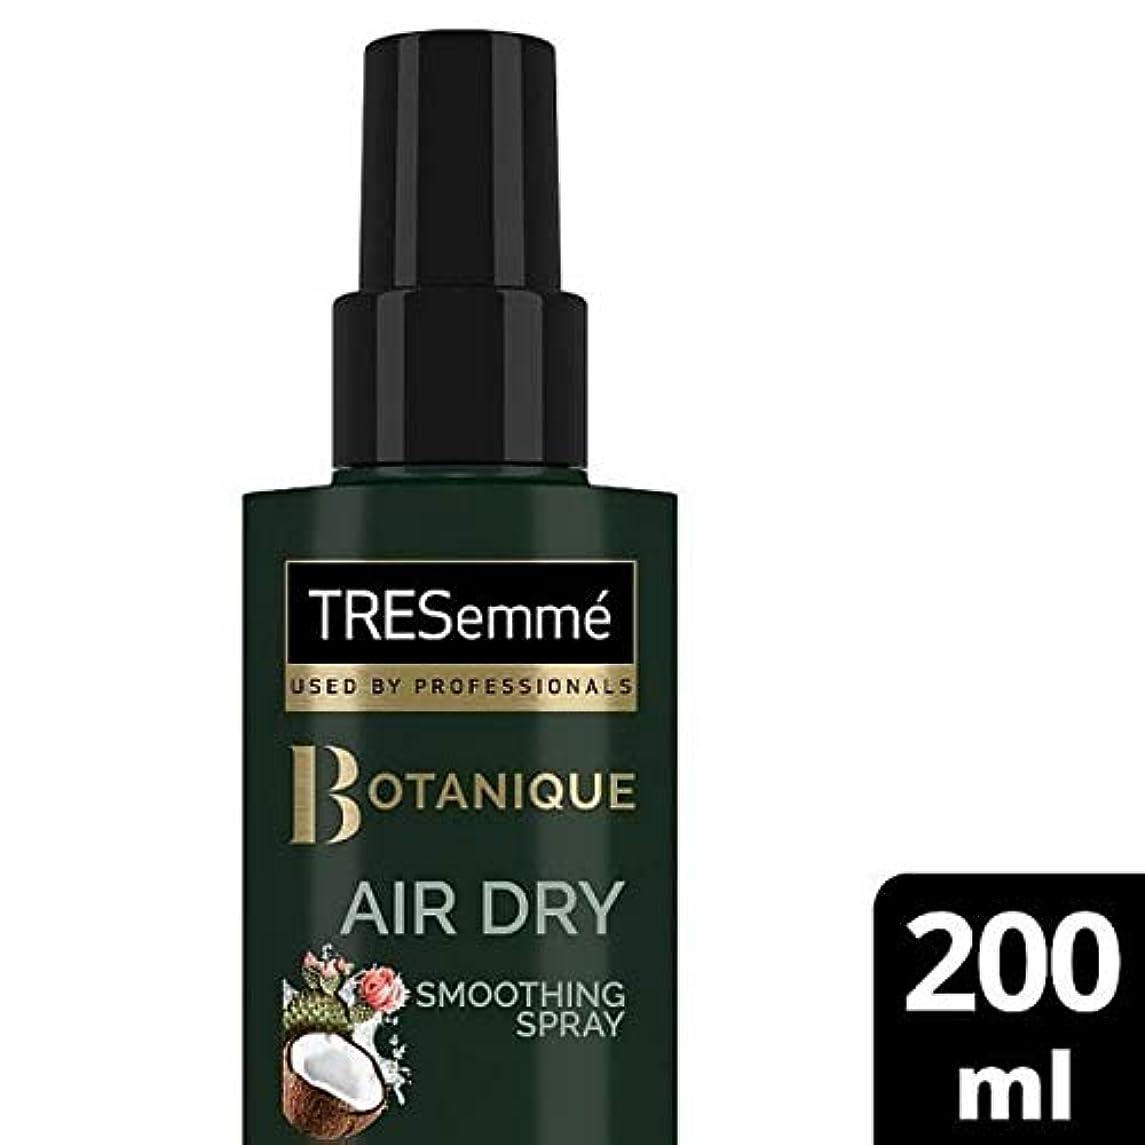 スナップバリー探す[Tresemme] Tresemmeドライ平滑Aquasprayの20ミリリットル - TRESemme Dry Smoothing Aquaspray 20ml [並行輸入品]